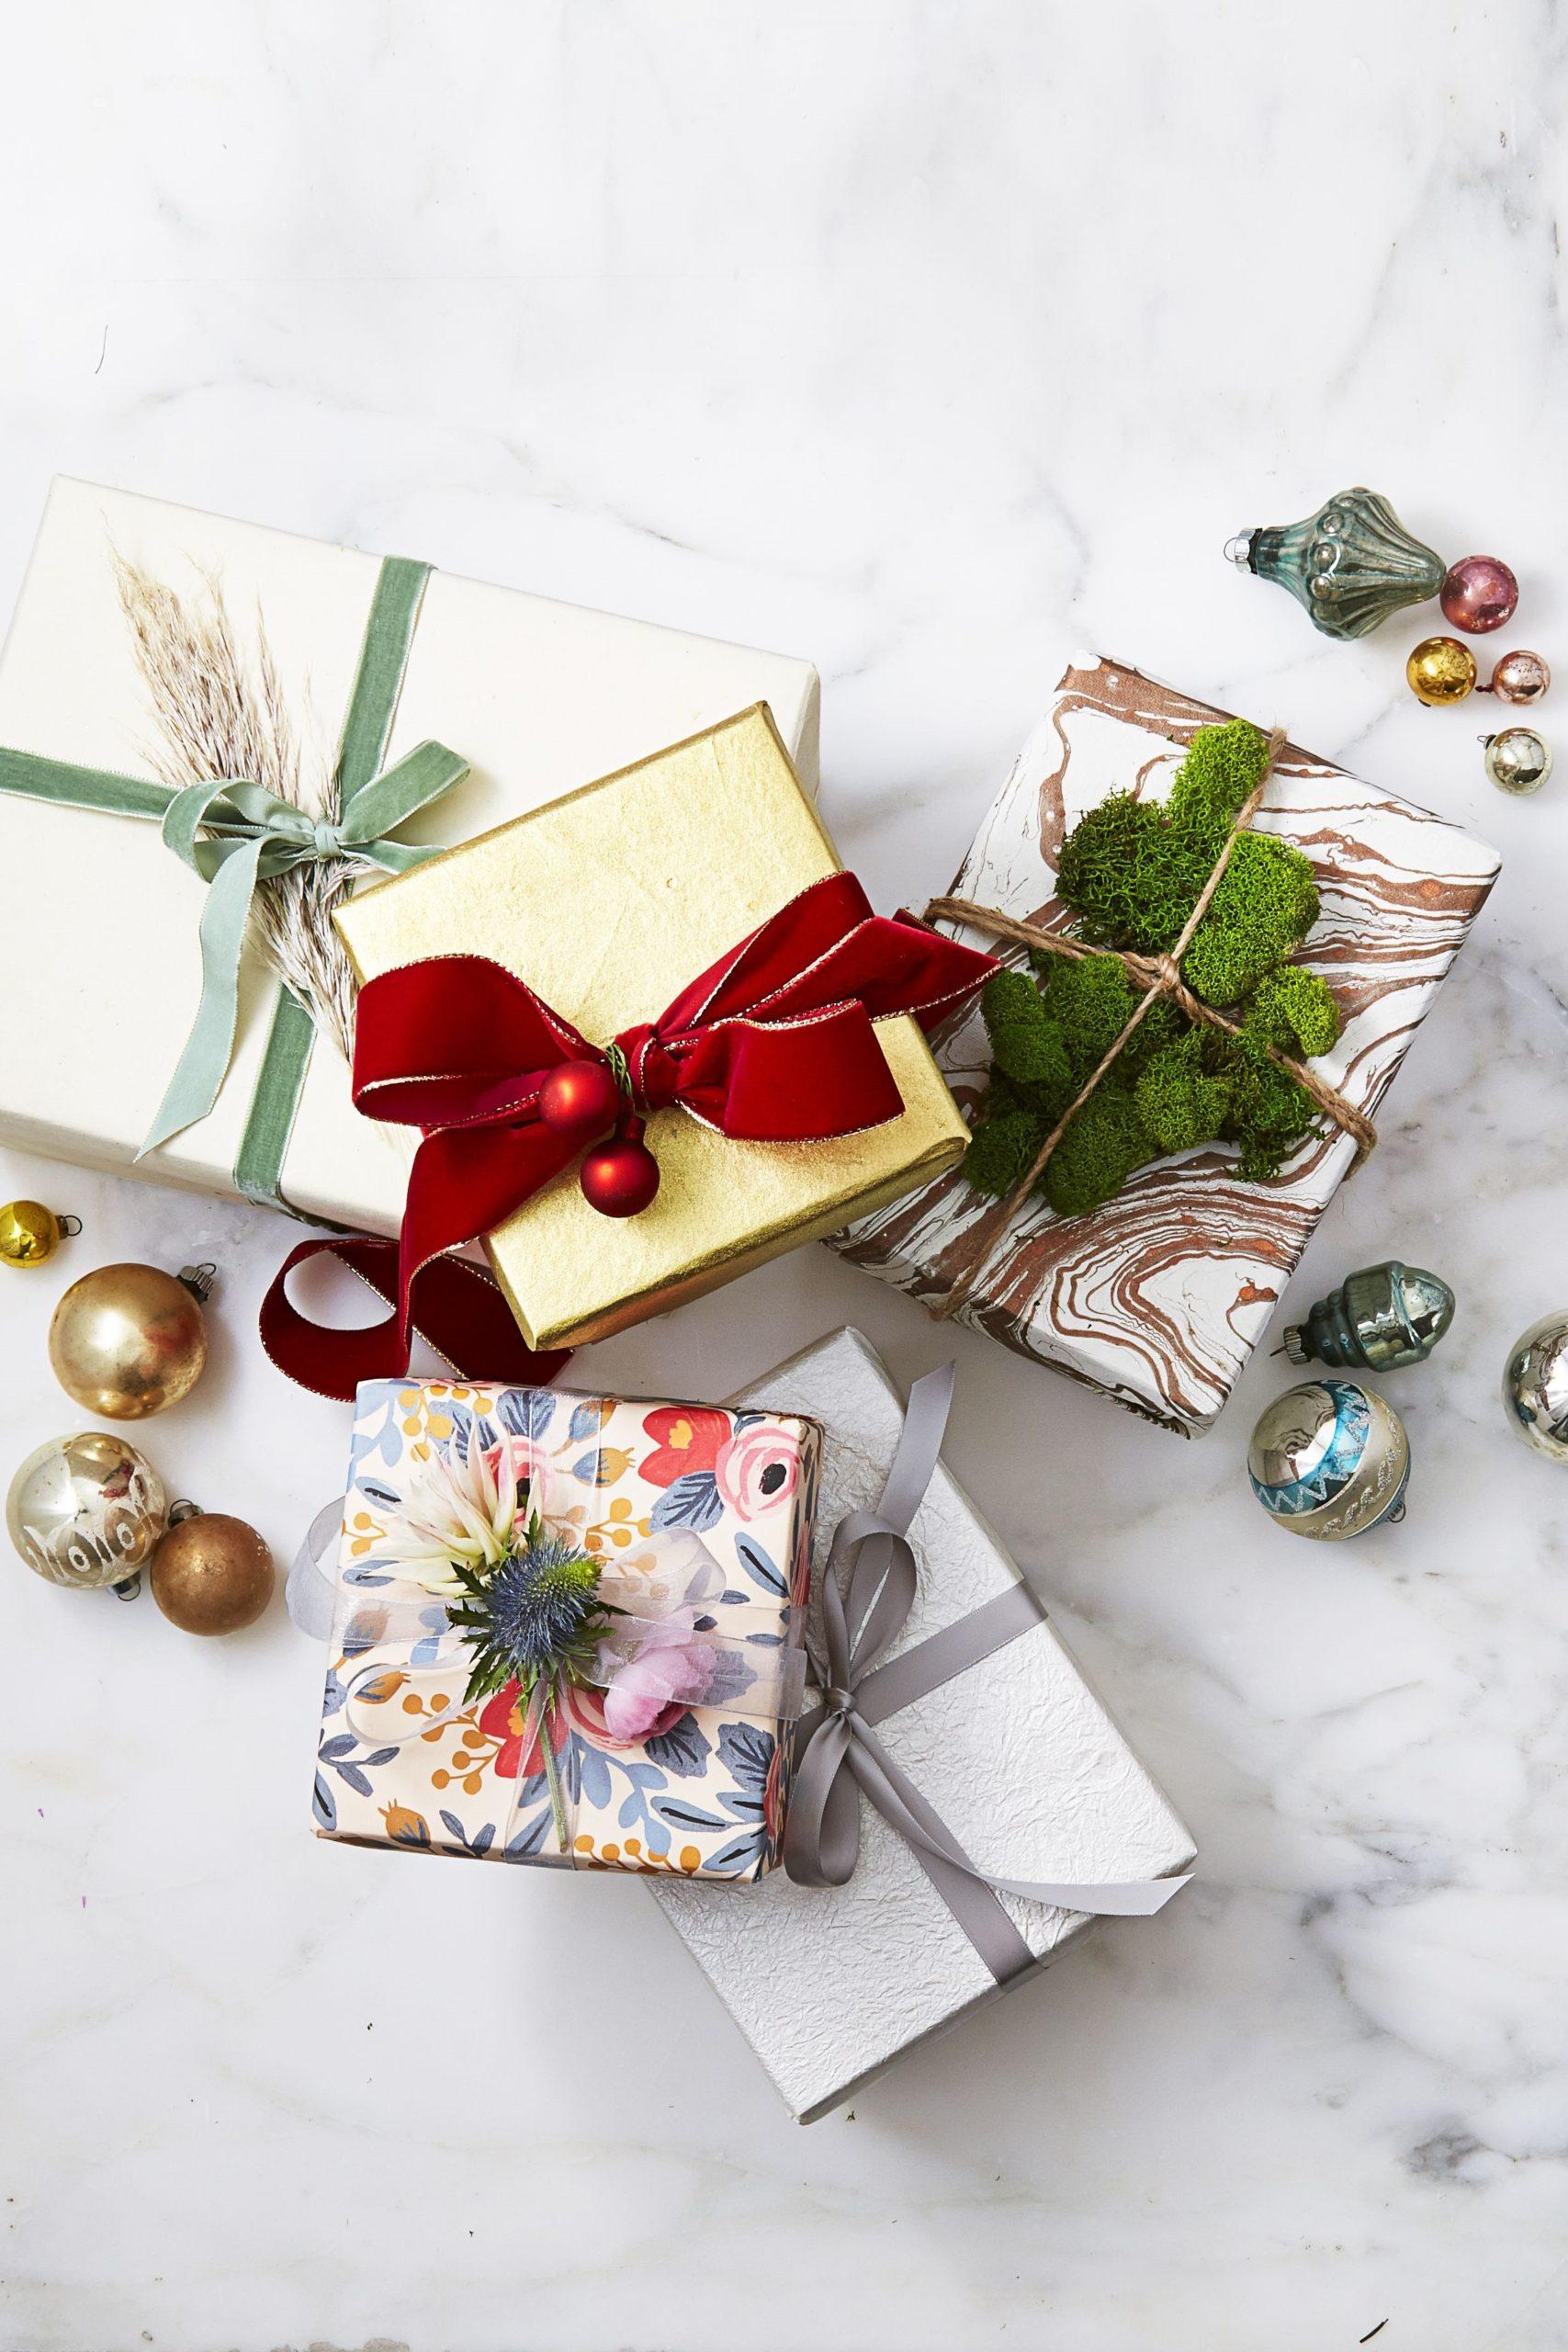 Paquets cadeaux avec un emballage créatif.